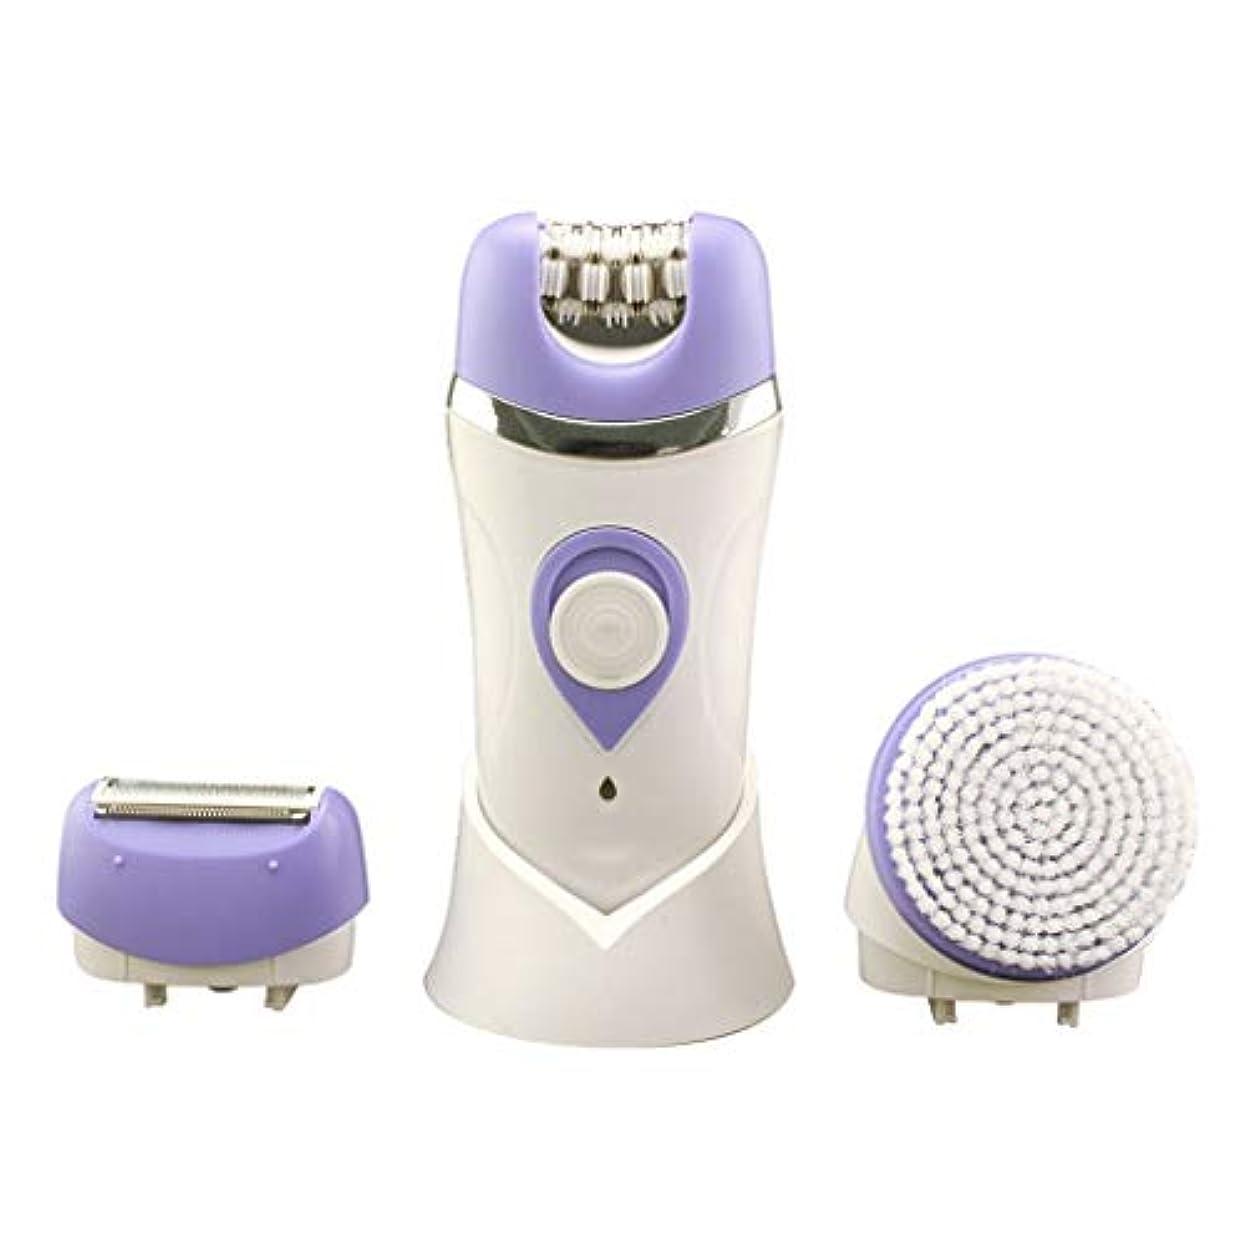 出費出身地パニック女性用電気かみそり、女性用充電式防水脱毛器3 in 1多機能は、足と体から余分な髪を取り除きます (Color : Purple)